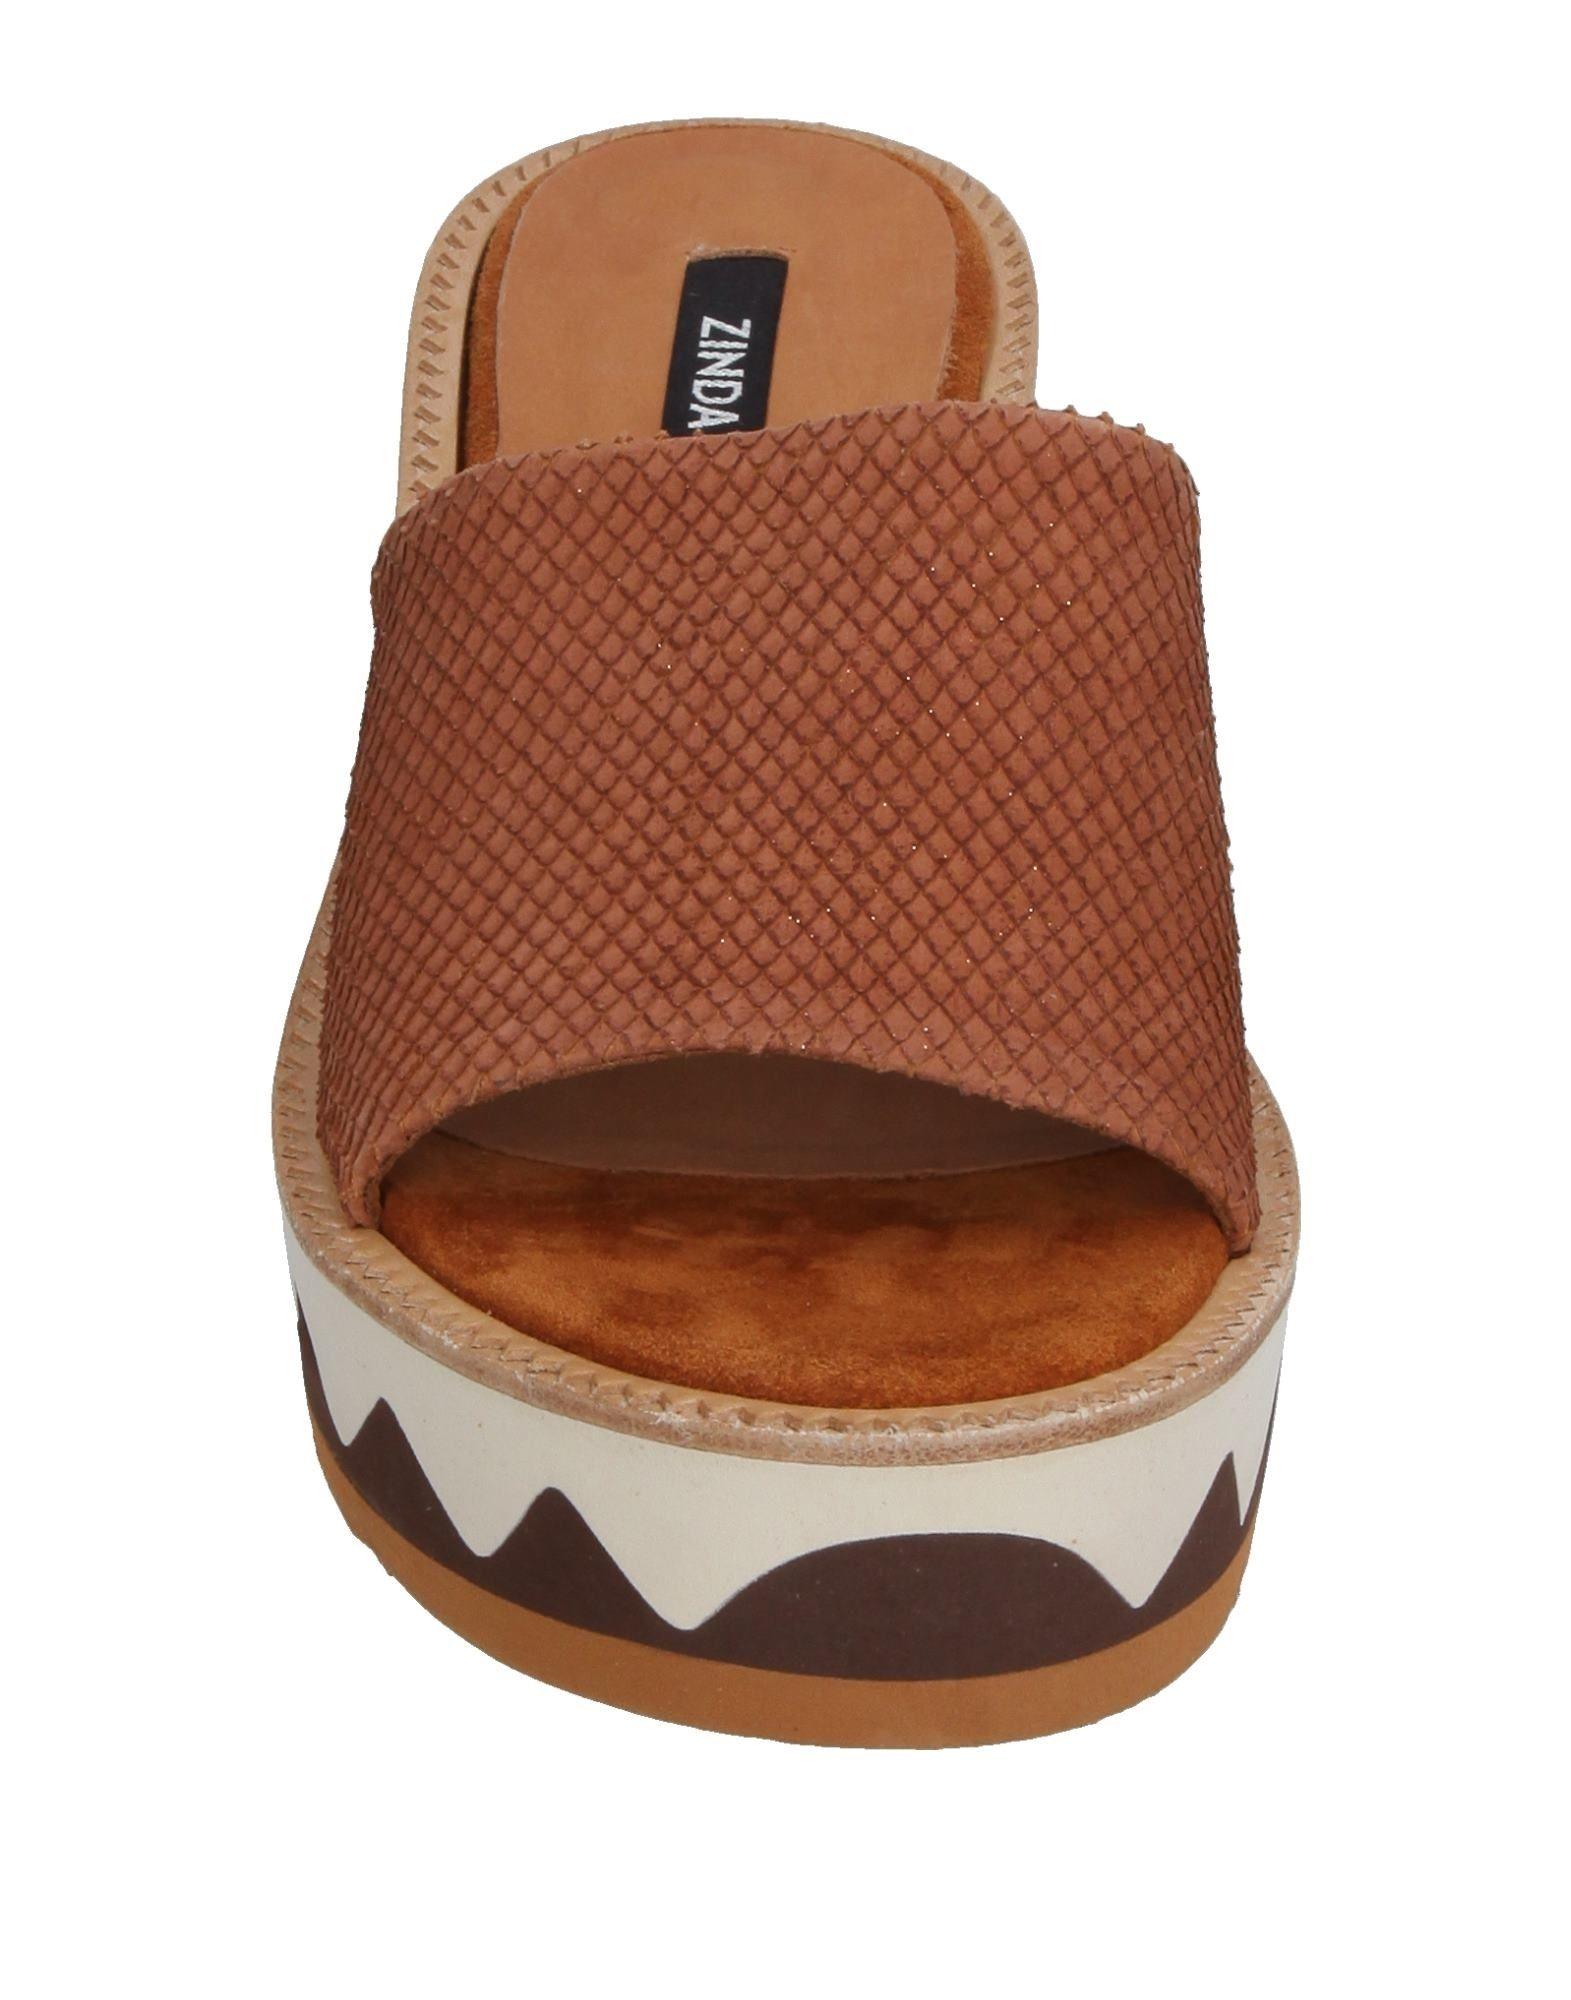 Zinda Sandalen Damen Gute  11208214ER Gute Damen Qualität beliebte Schuhe 006d50